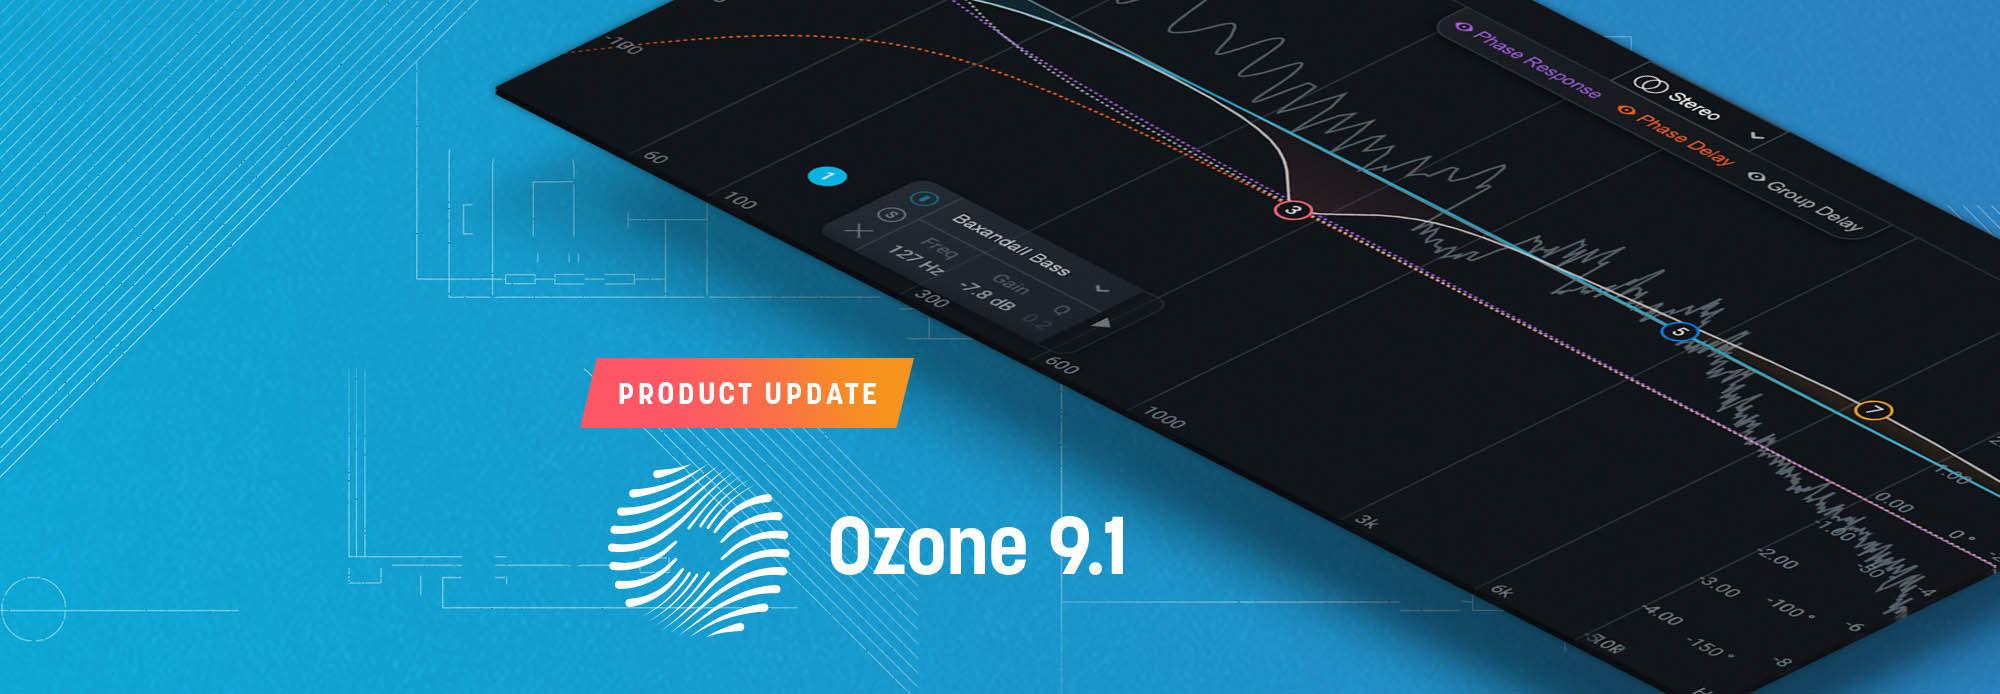 Ozone 9.1 Update